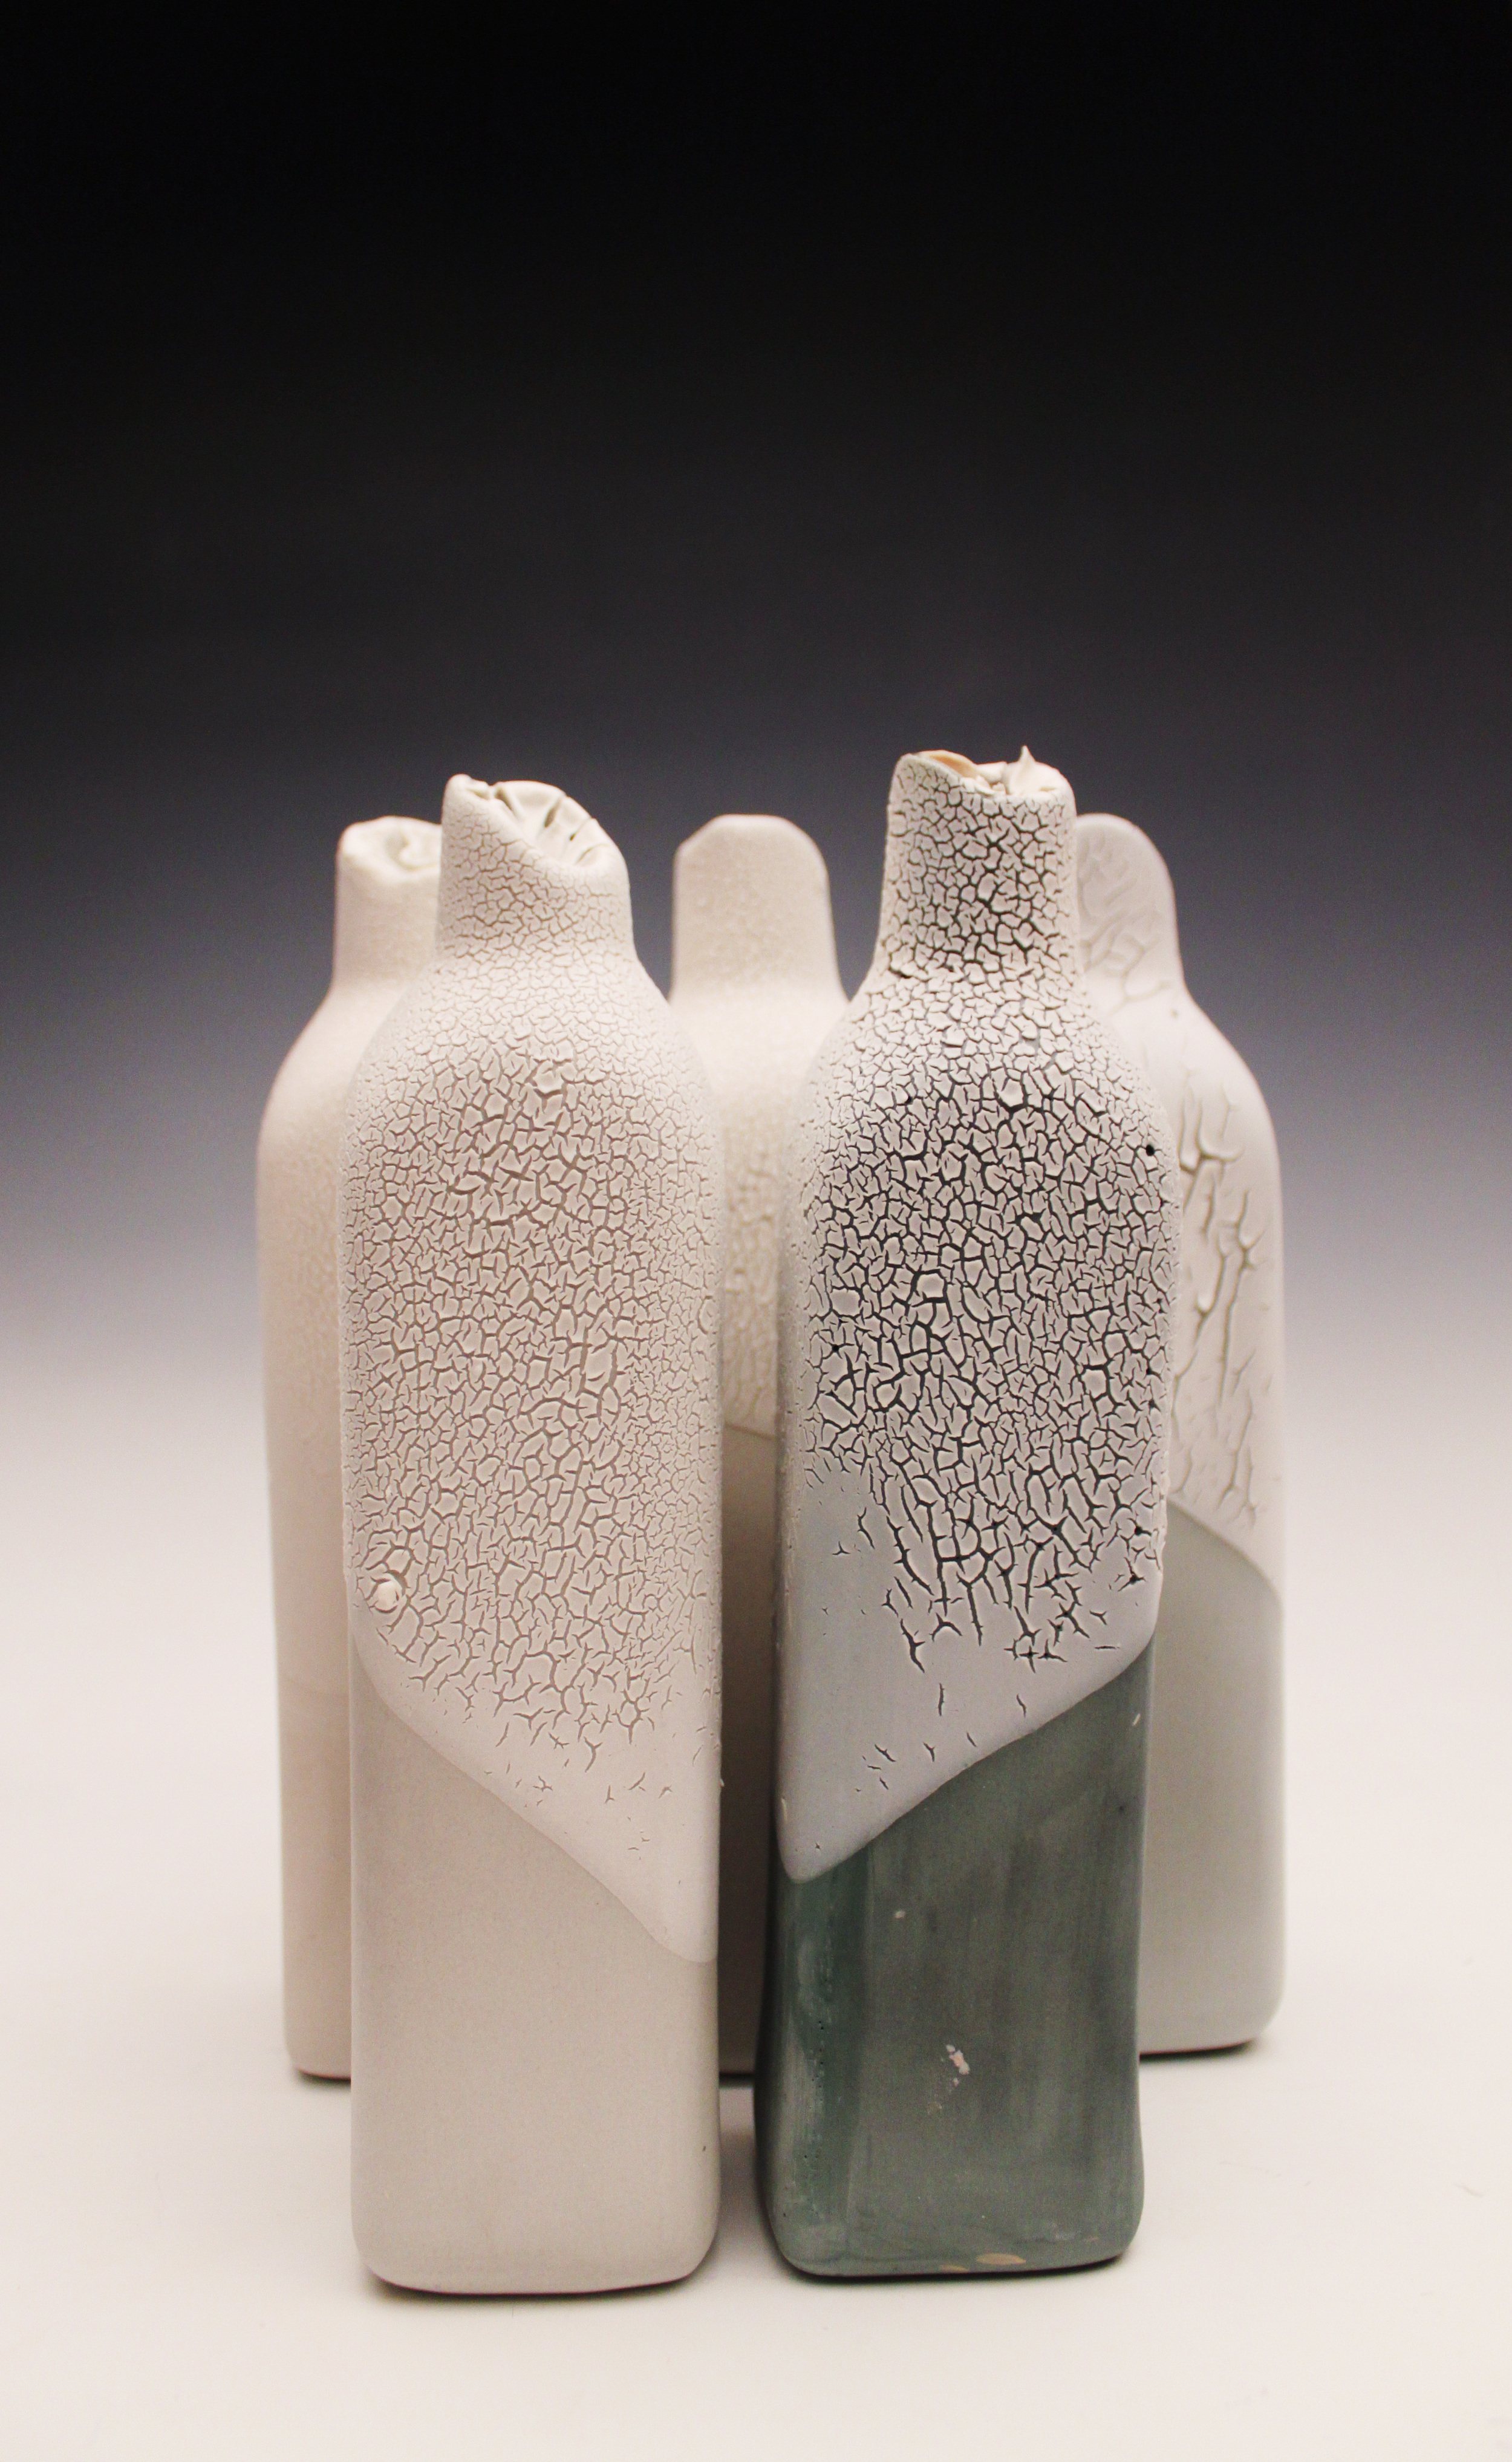 Skin Bottles